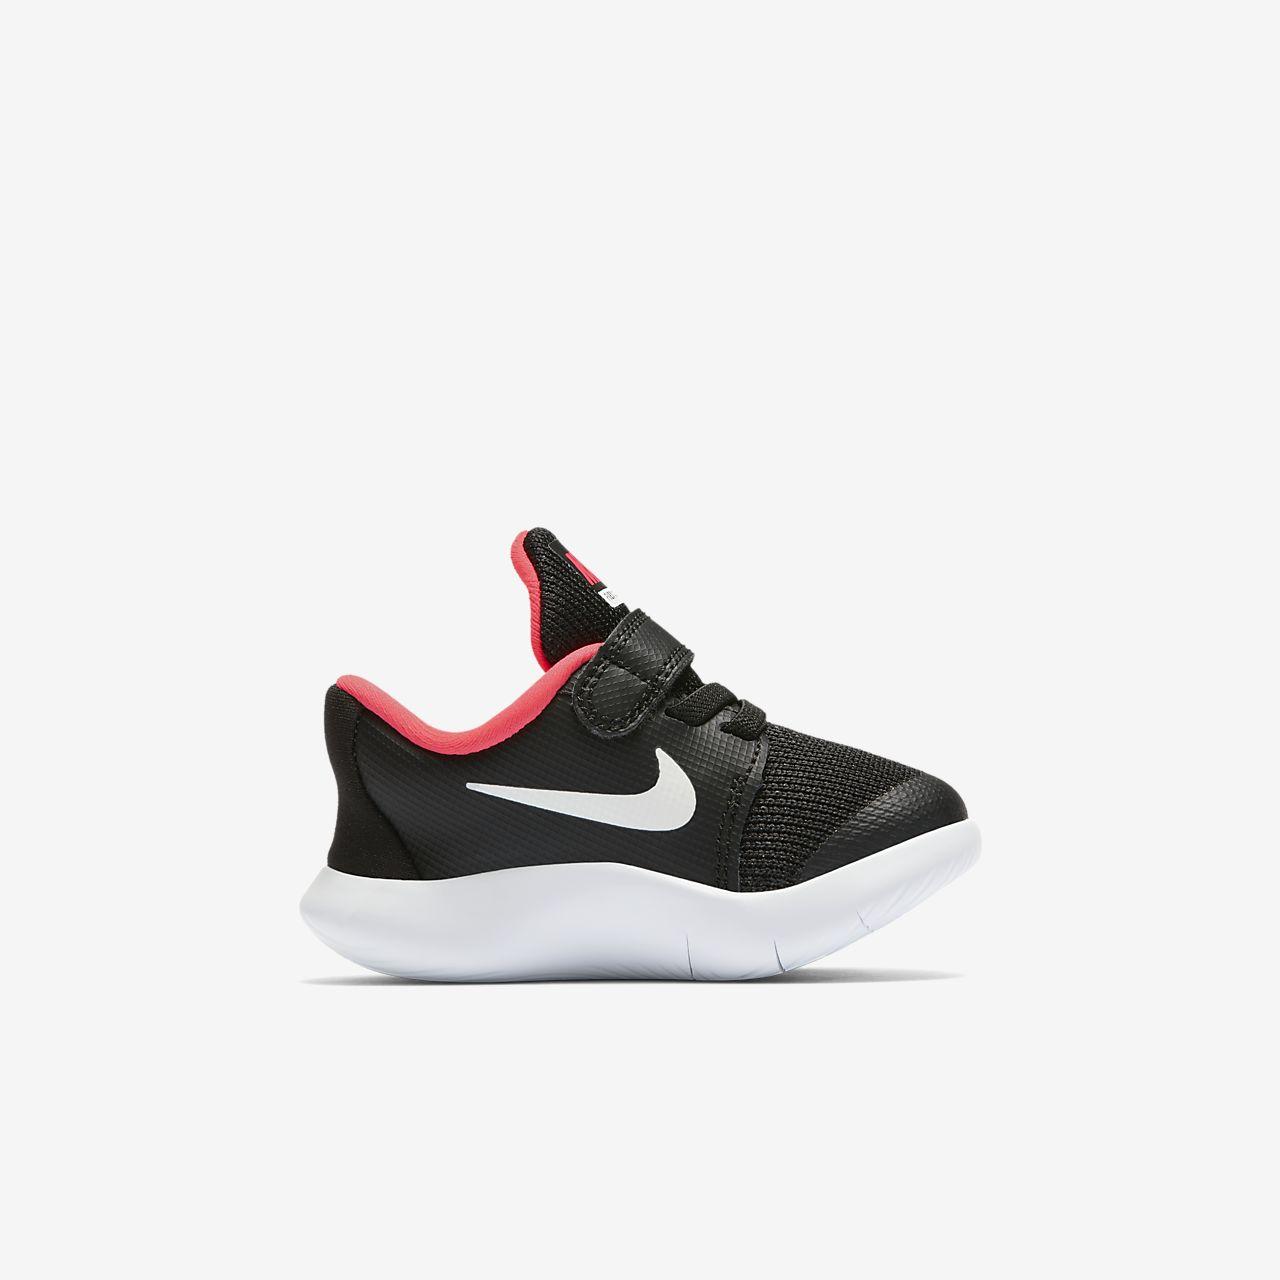 6f783e5c6551 Nike Flex Contact 2 Baby  amp  Toddler Shoe. Nike.com AU